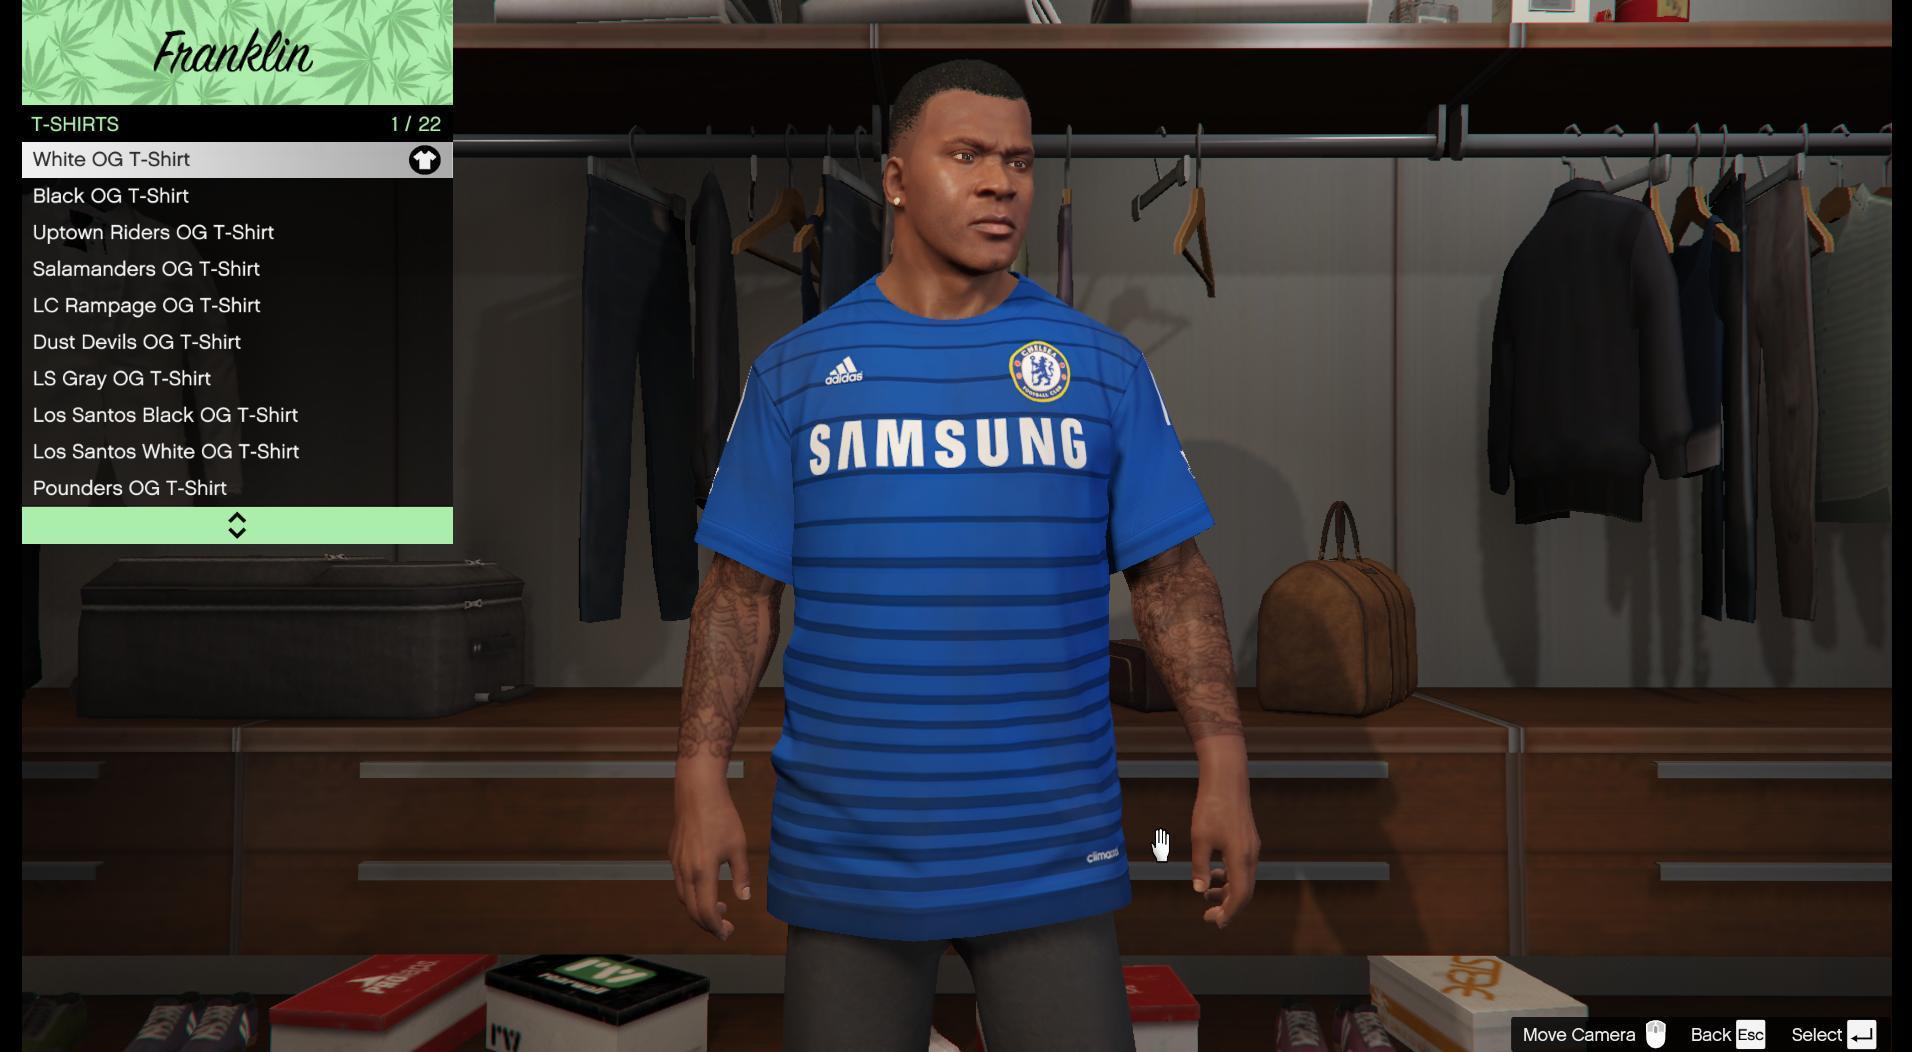 Gang Clothes Gta Online